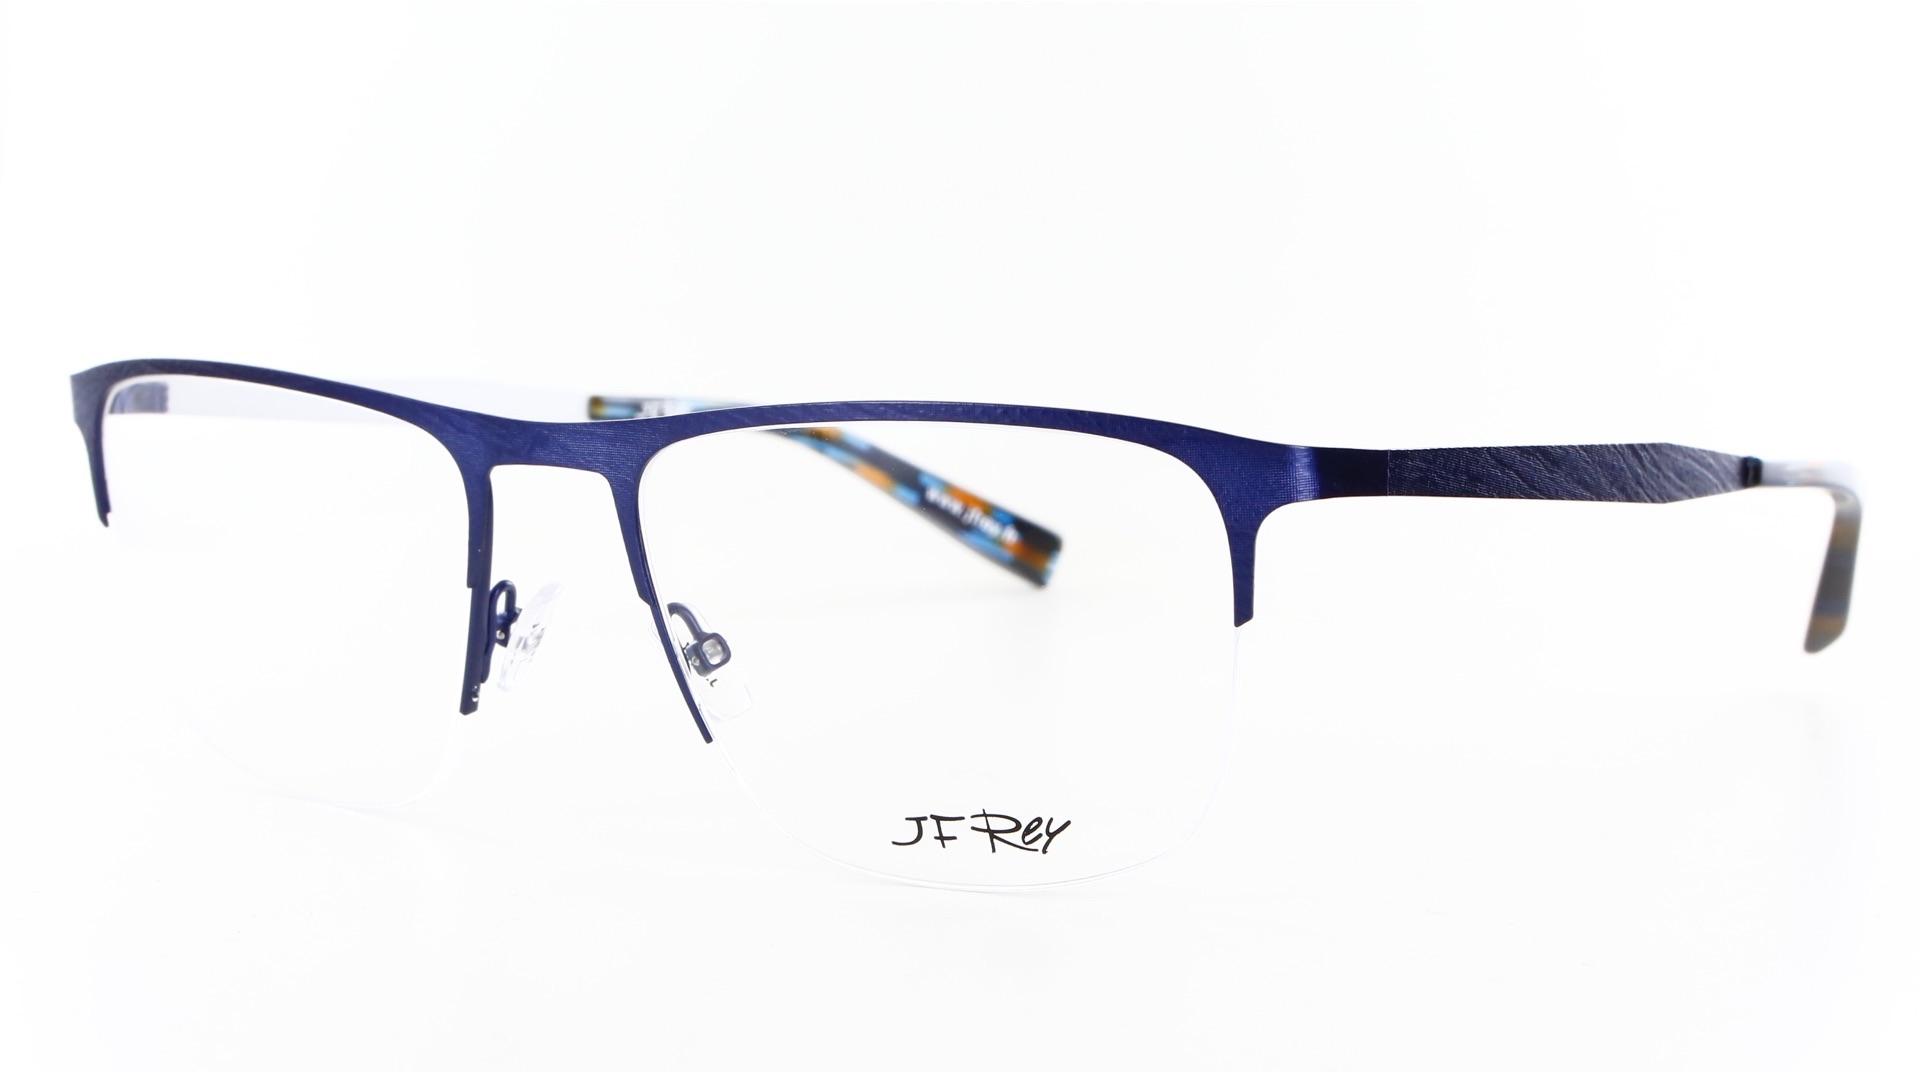 J.F. Rey - ref: 77692